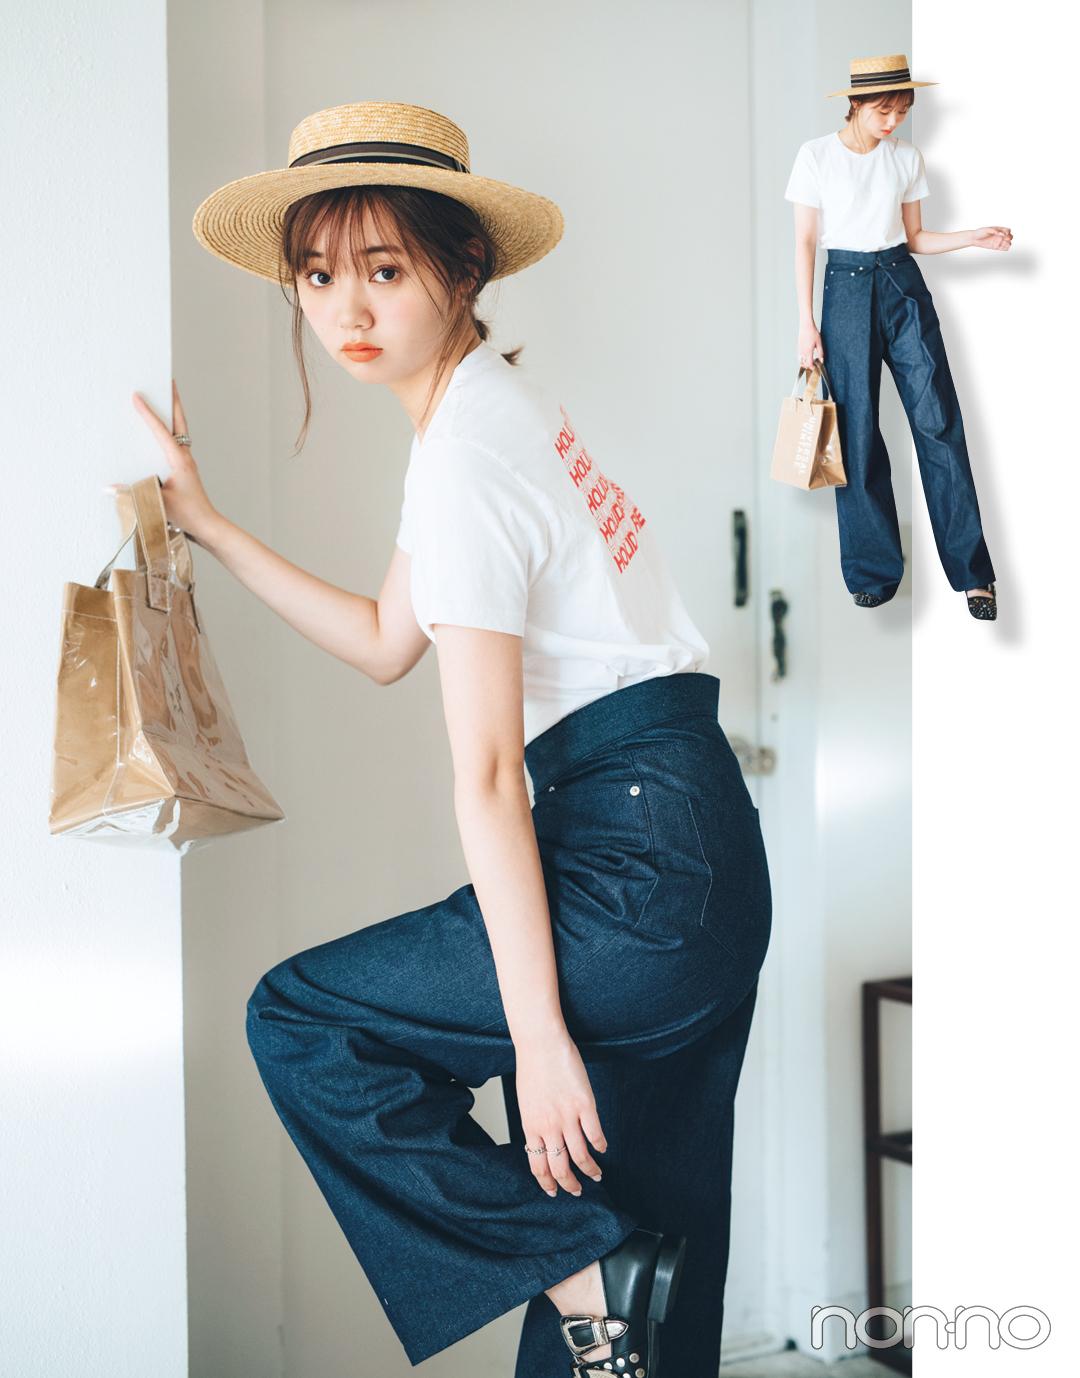 この夏、江野沢愛美は何を着る? ミックスカジュアルの達人の私服コーデを拝見!_1_2-1